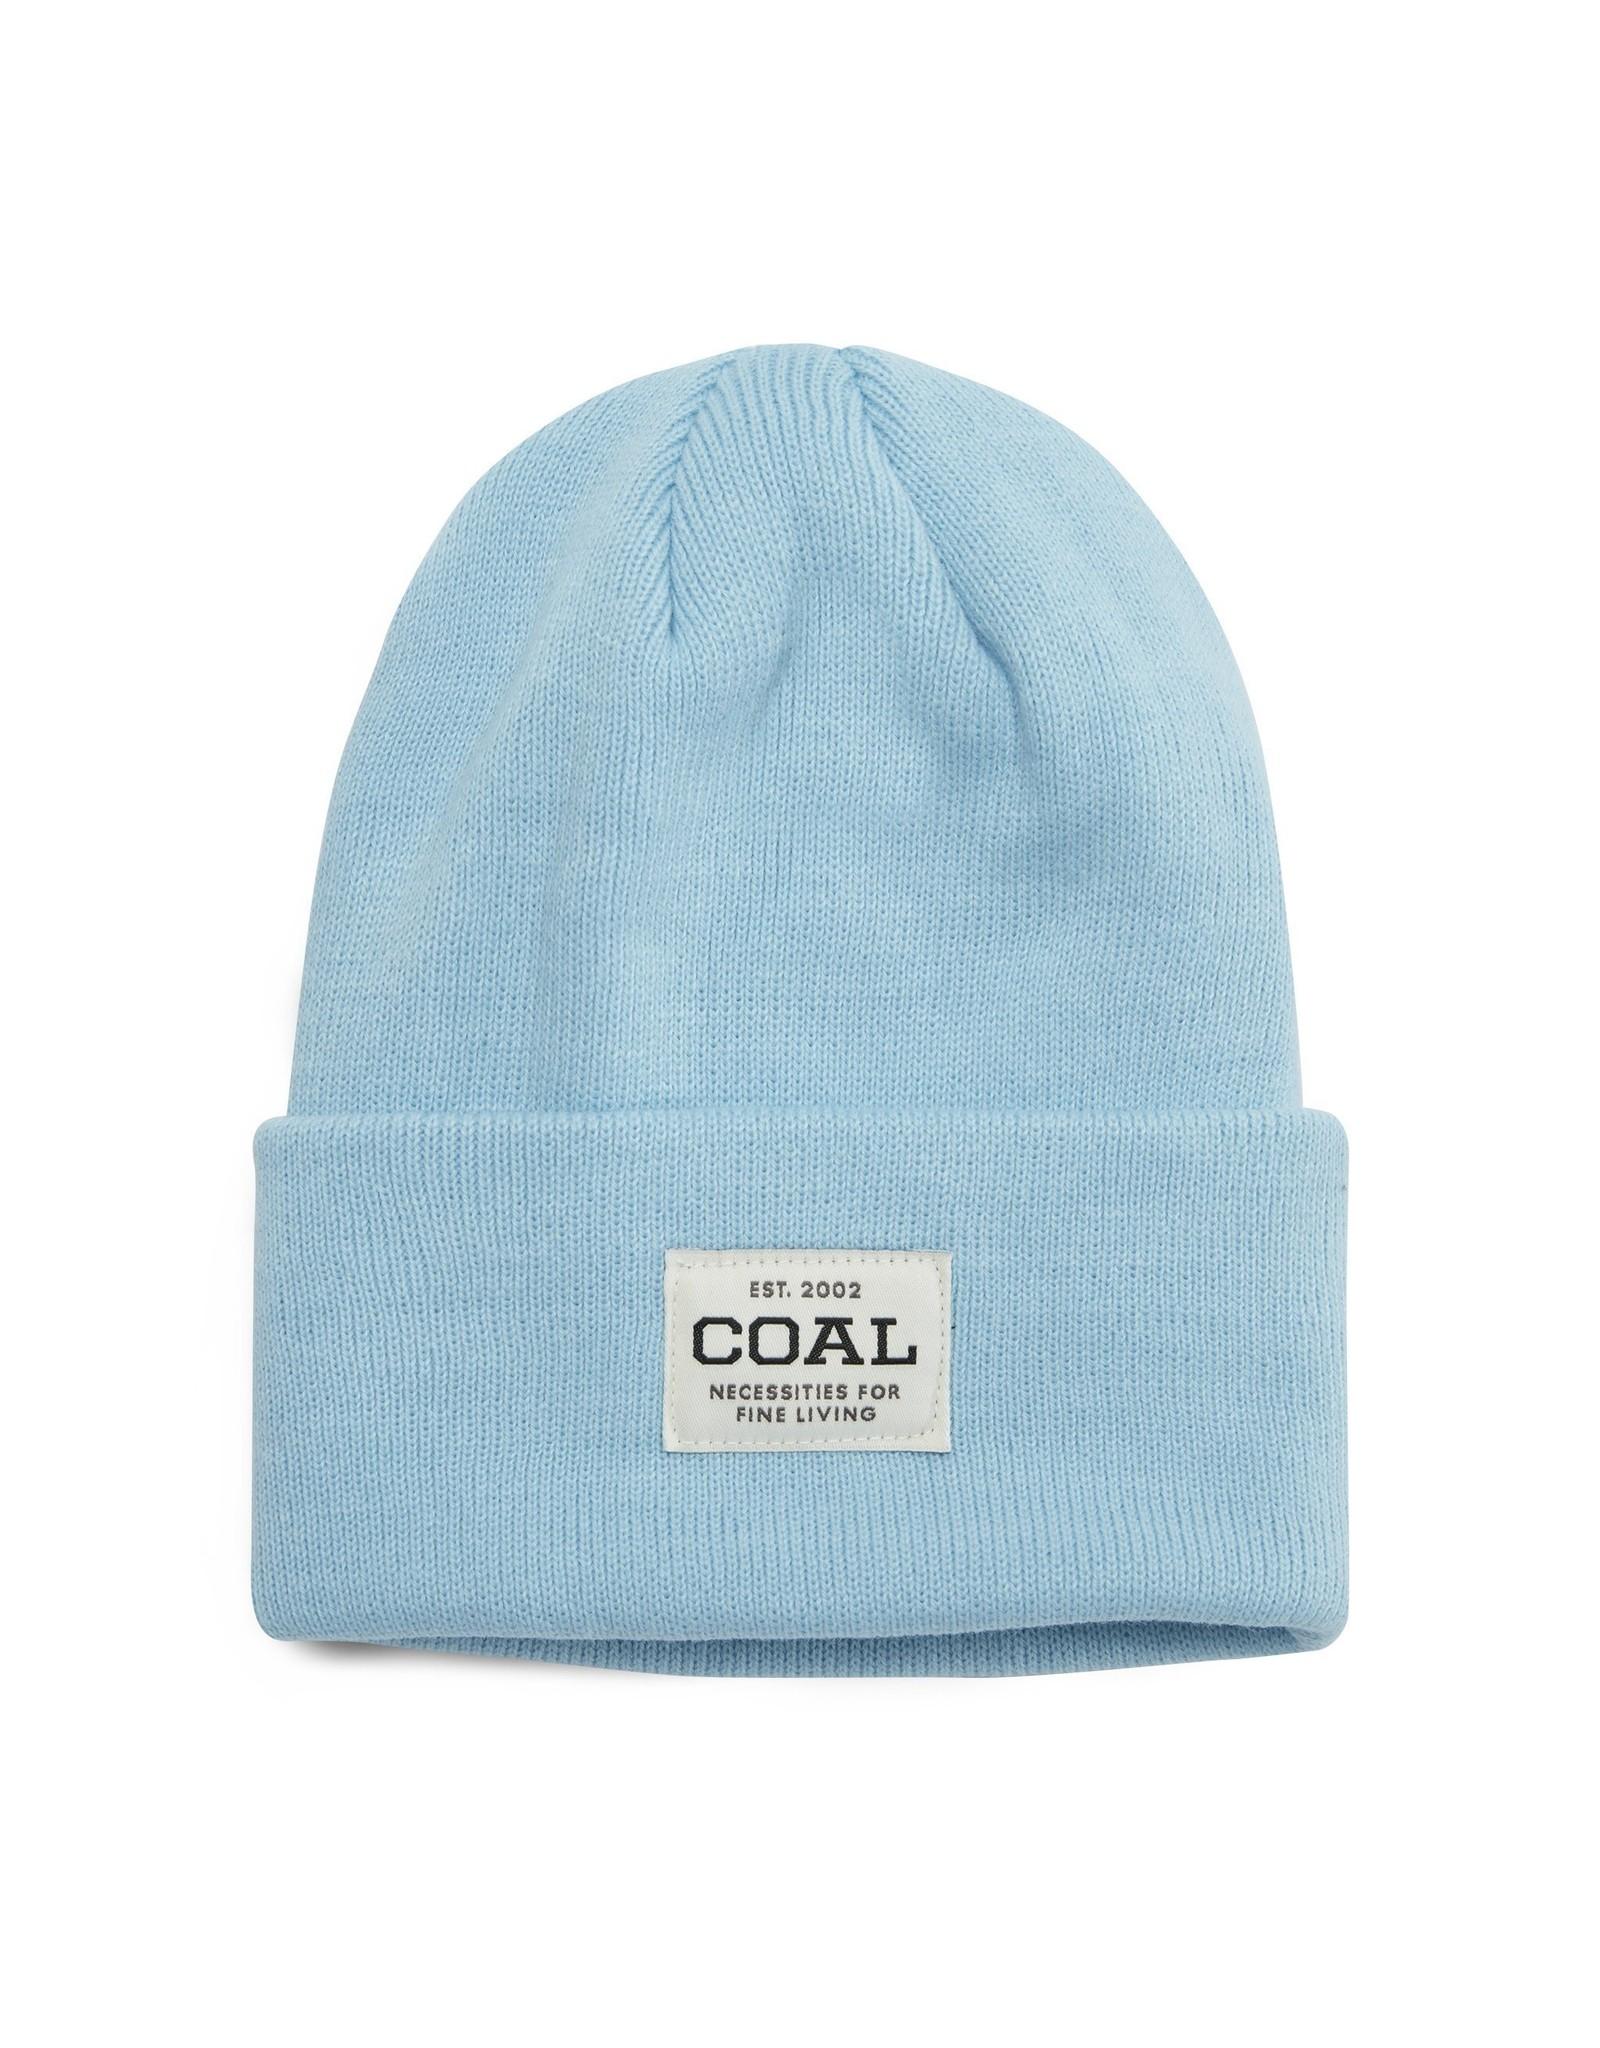 Coal Headwear - Tall Uniform Beanie